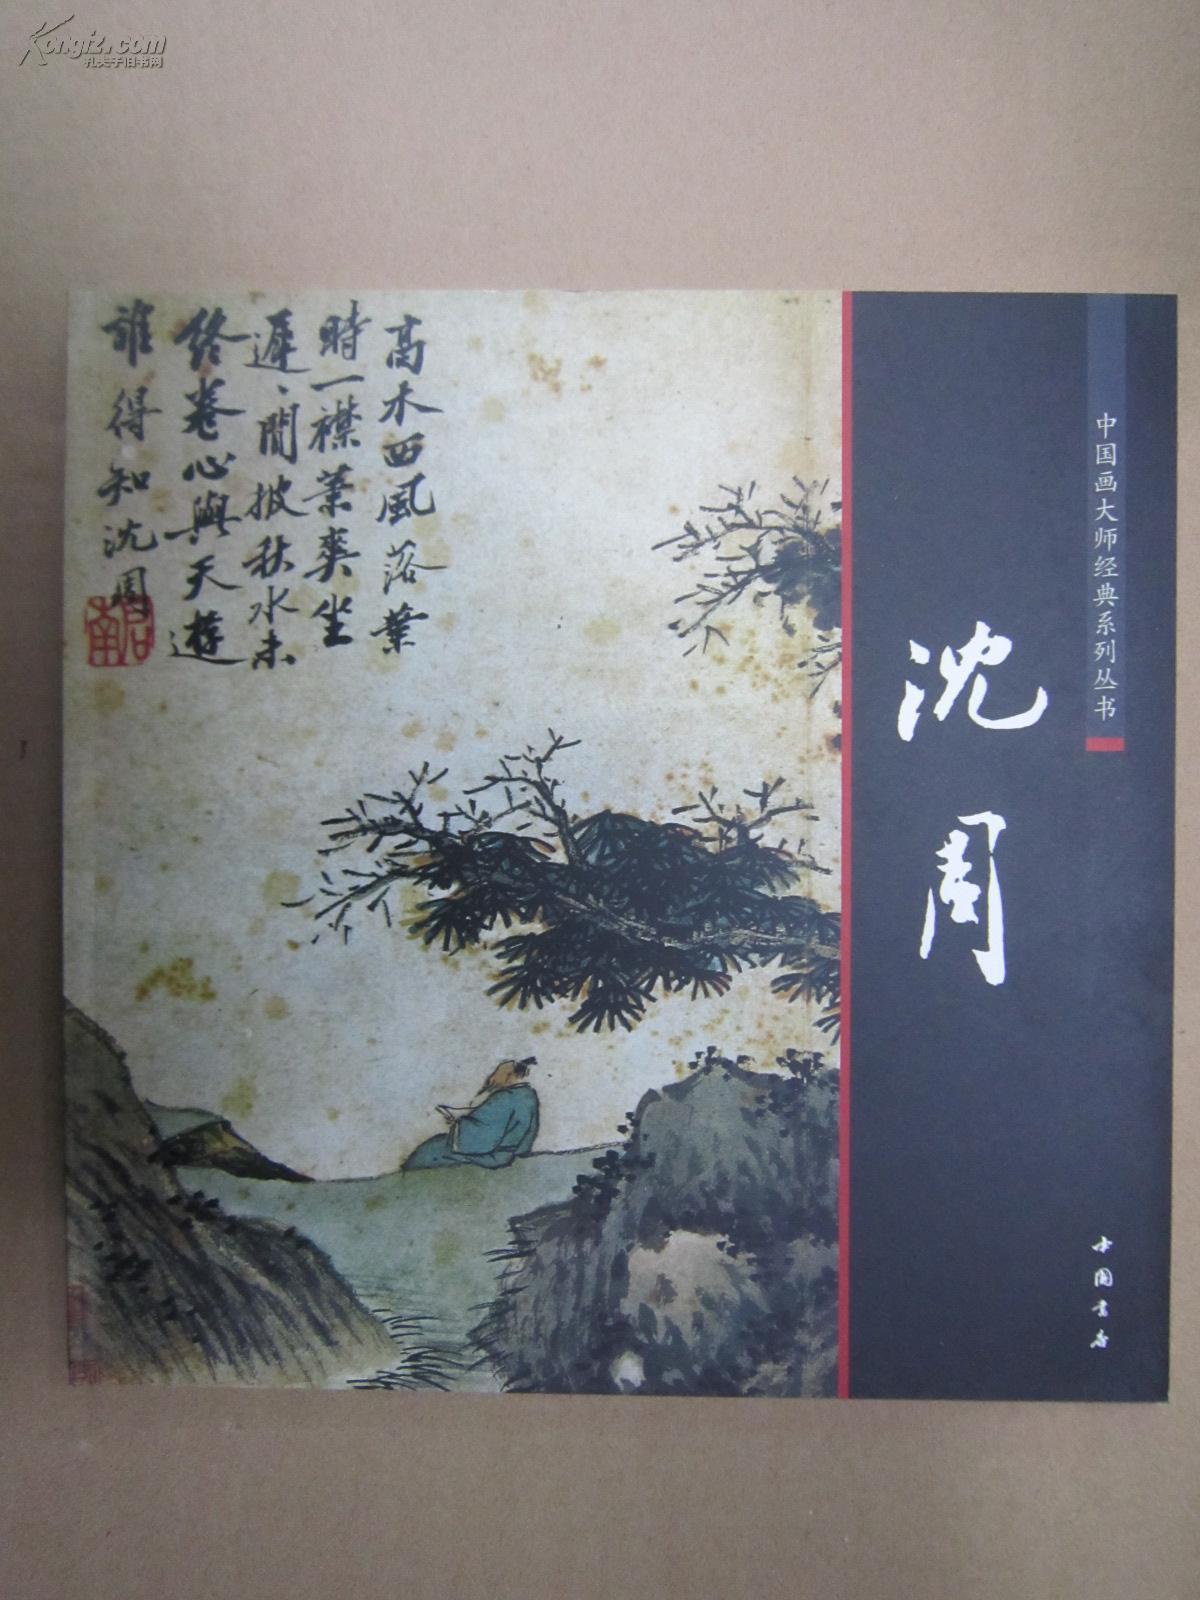 中国画大师经典系列-沈周